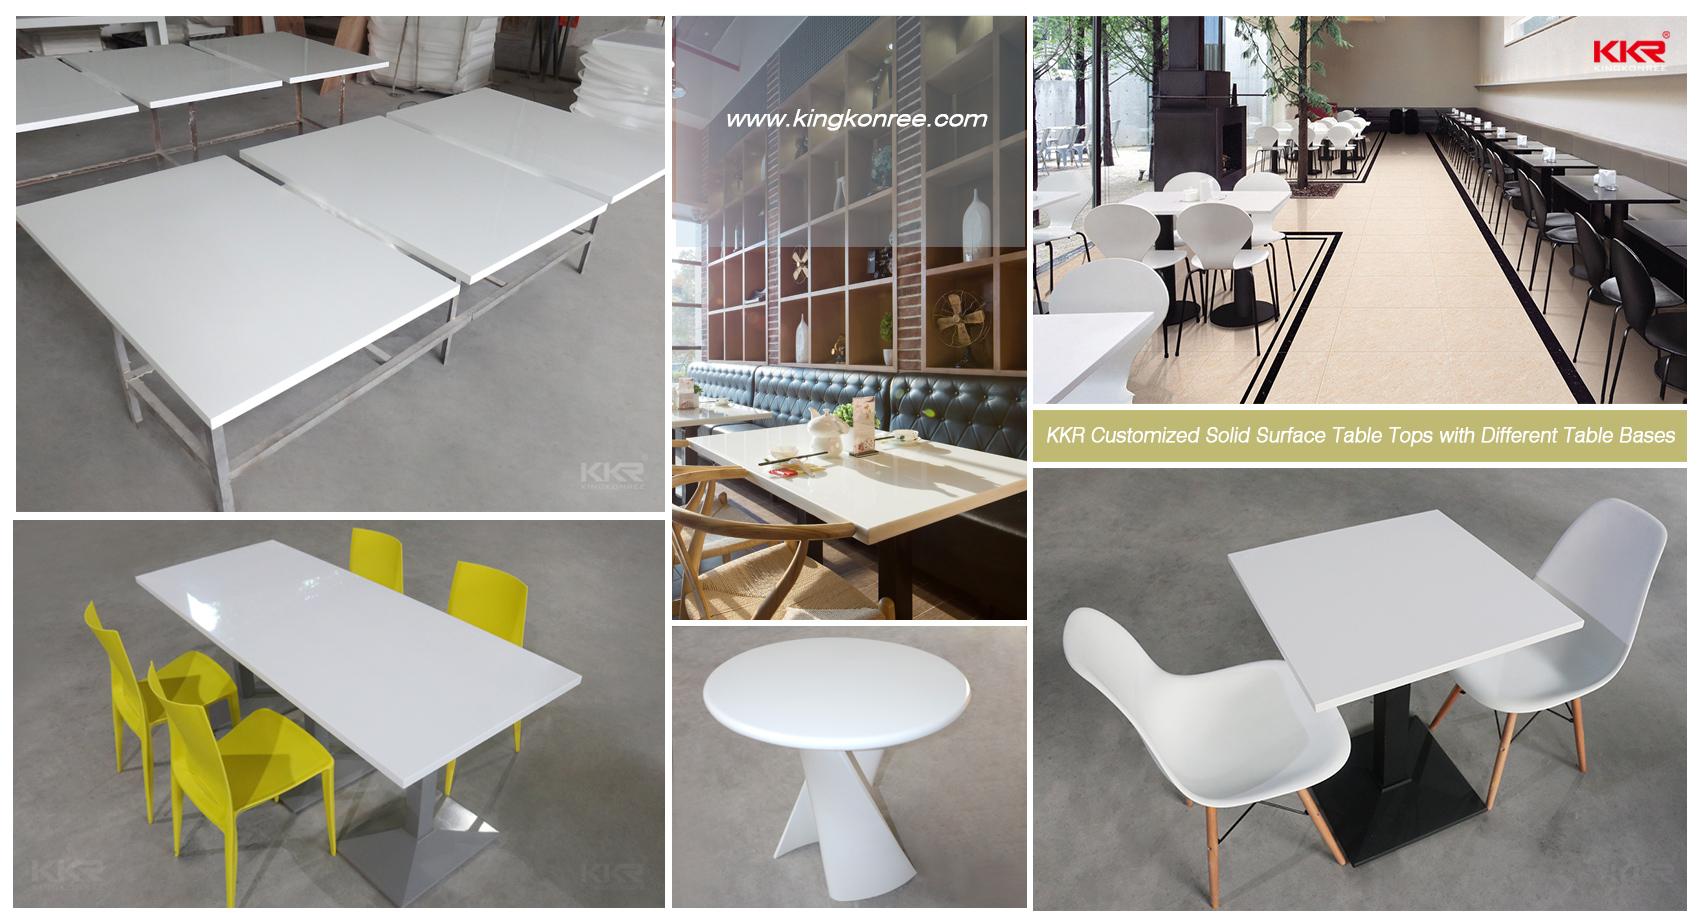 आधुनिक दौर गोल्डन एक्रिलिक साइड टेबल कमरे में रहने वाले फर्नीचर, लौह धातु अंत तालिका